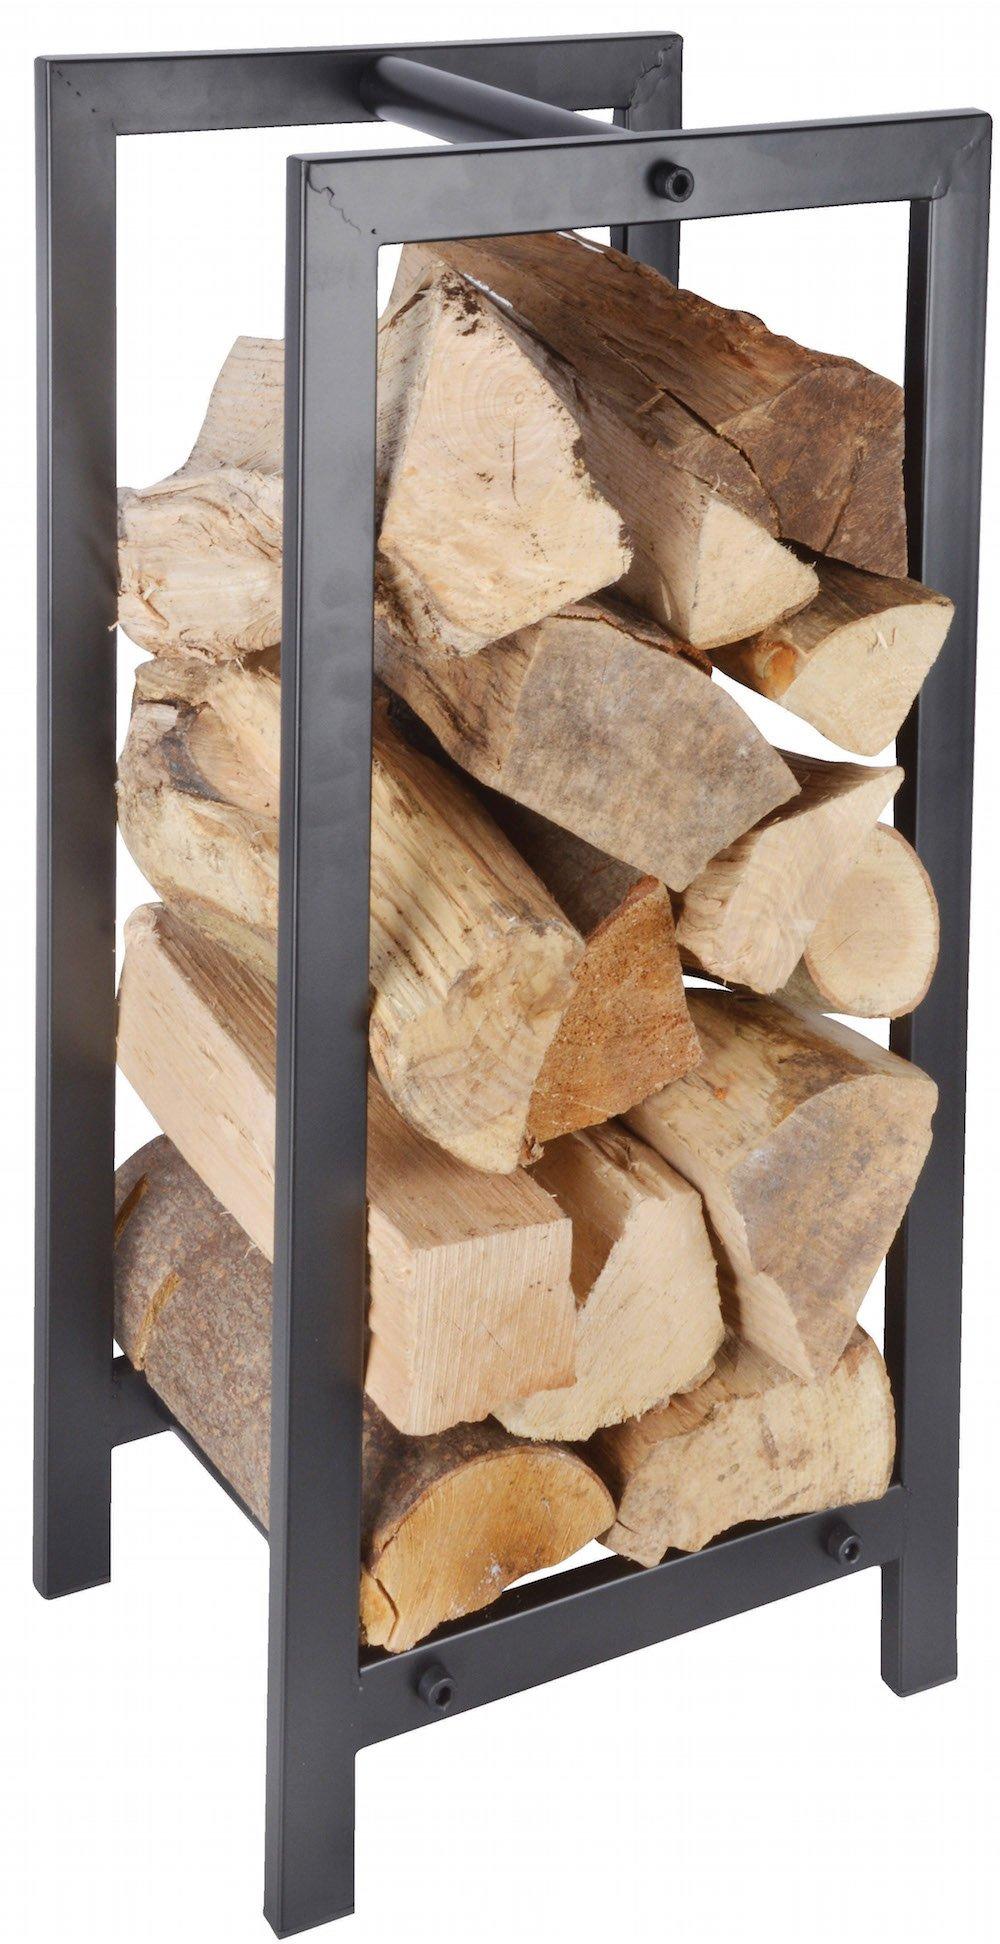 Esschert Design FF232 Wood Storage/Carrier - Powder Coated Steel